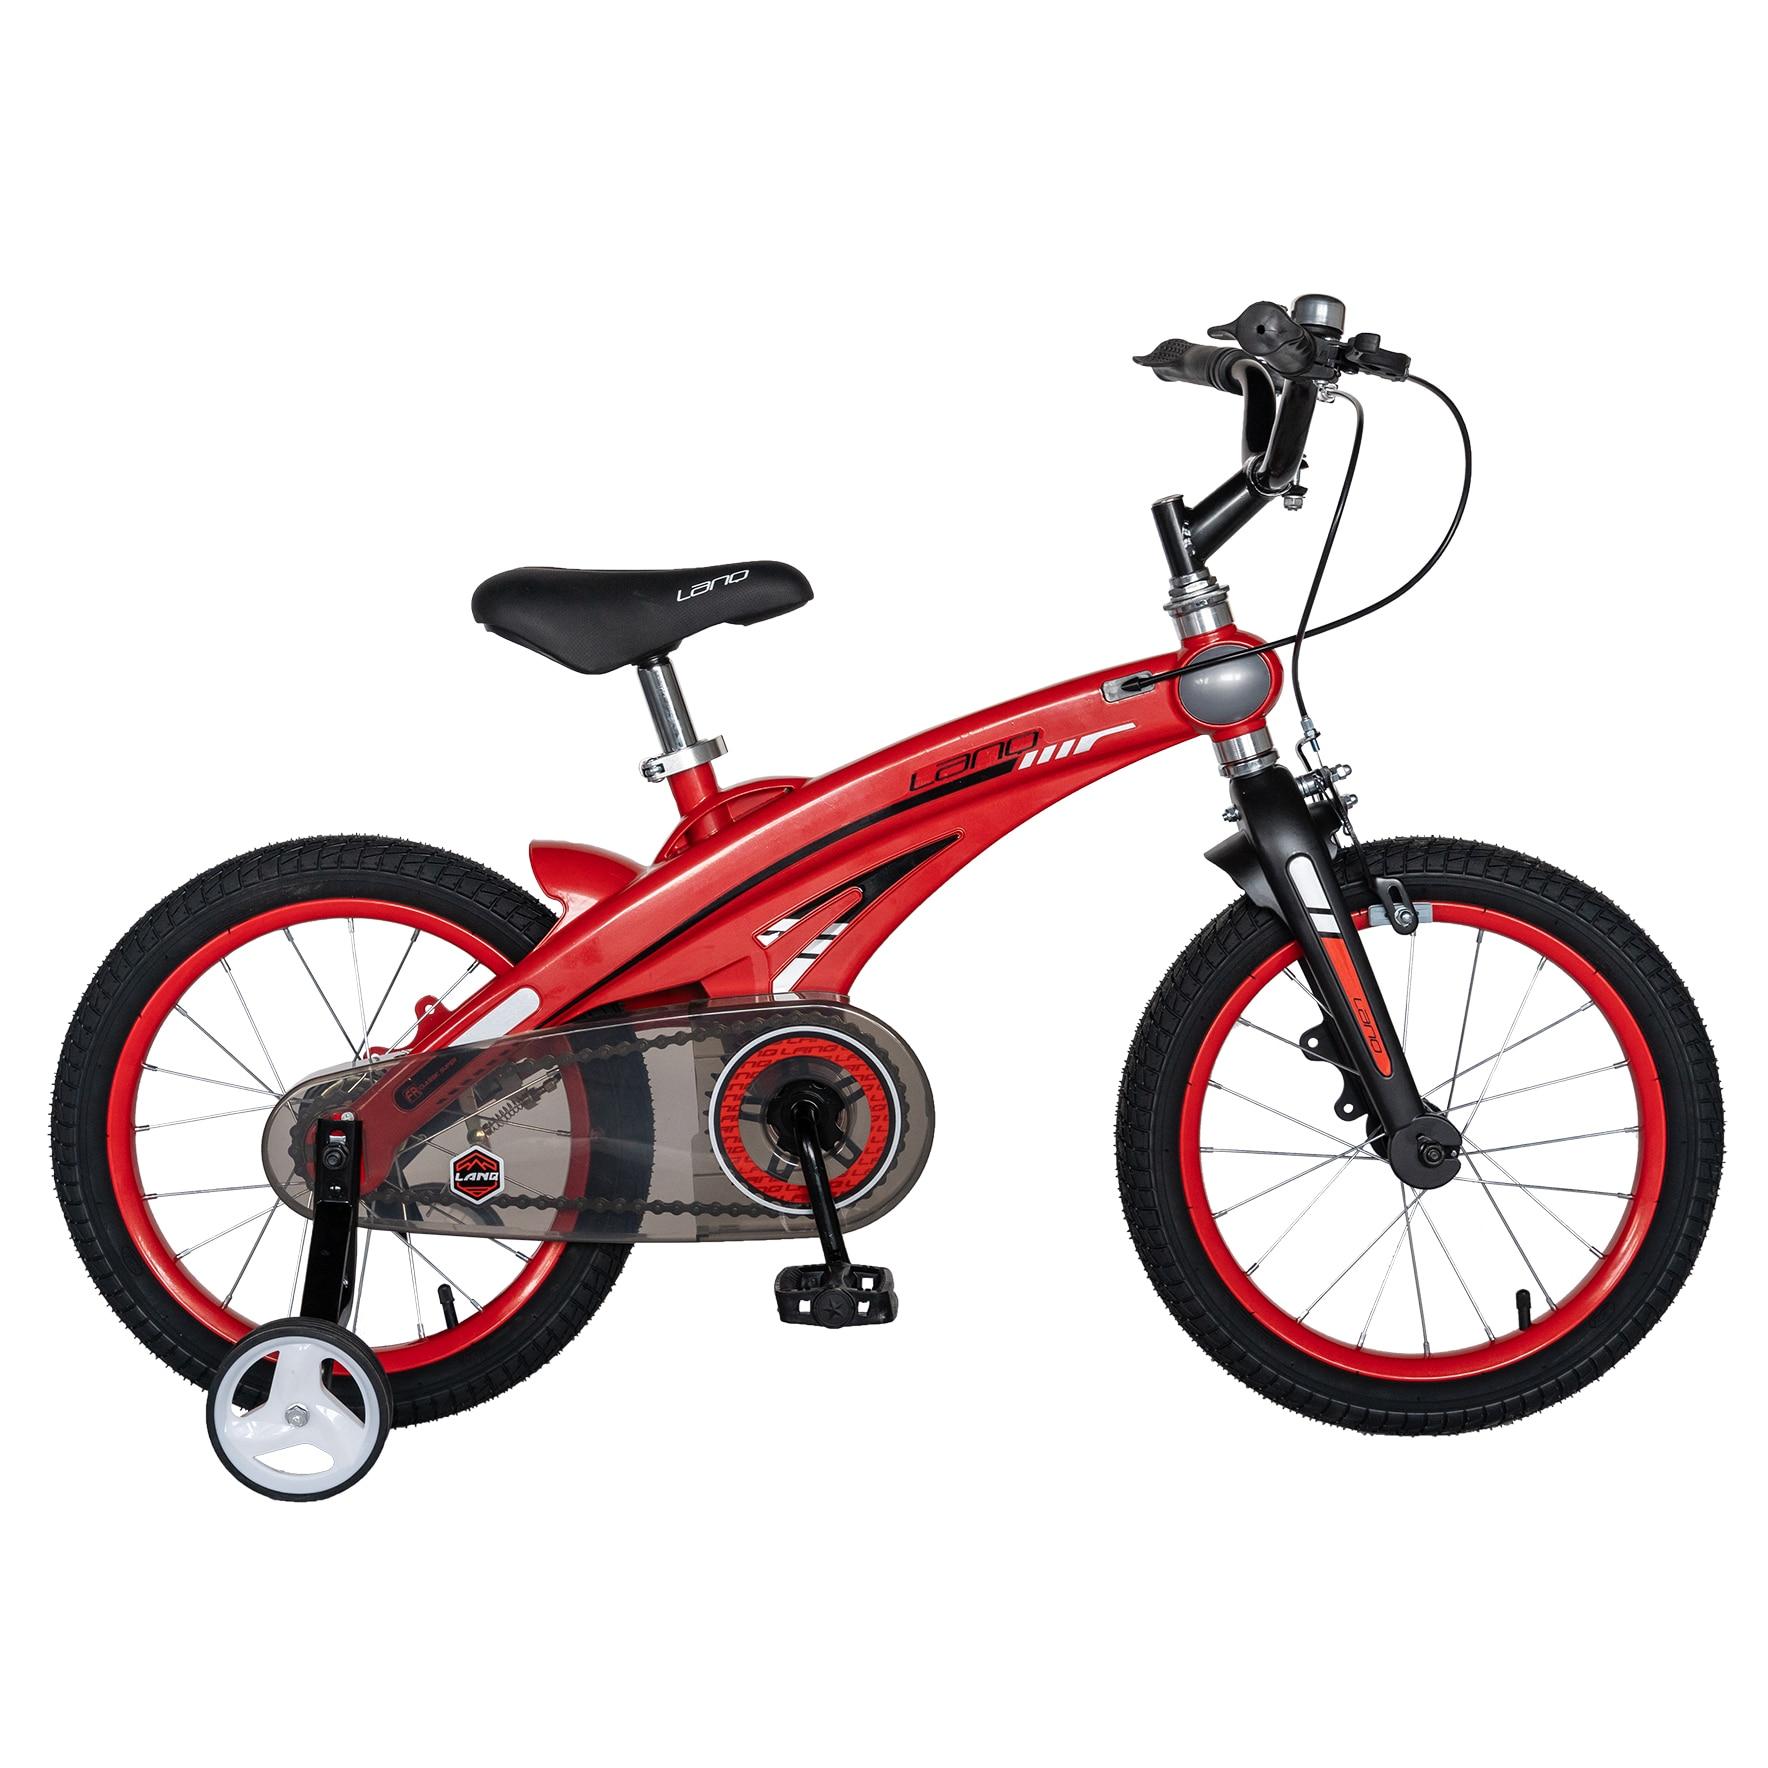 """Fotografie Bicicleta copii Lanq W1639D, roata 16"""", cadru aliaj magneziu, frana C-Brake, roti ajutatoare, 4-6 ani, rosu/negru"""